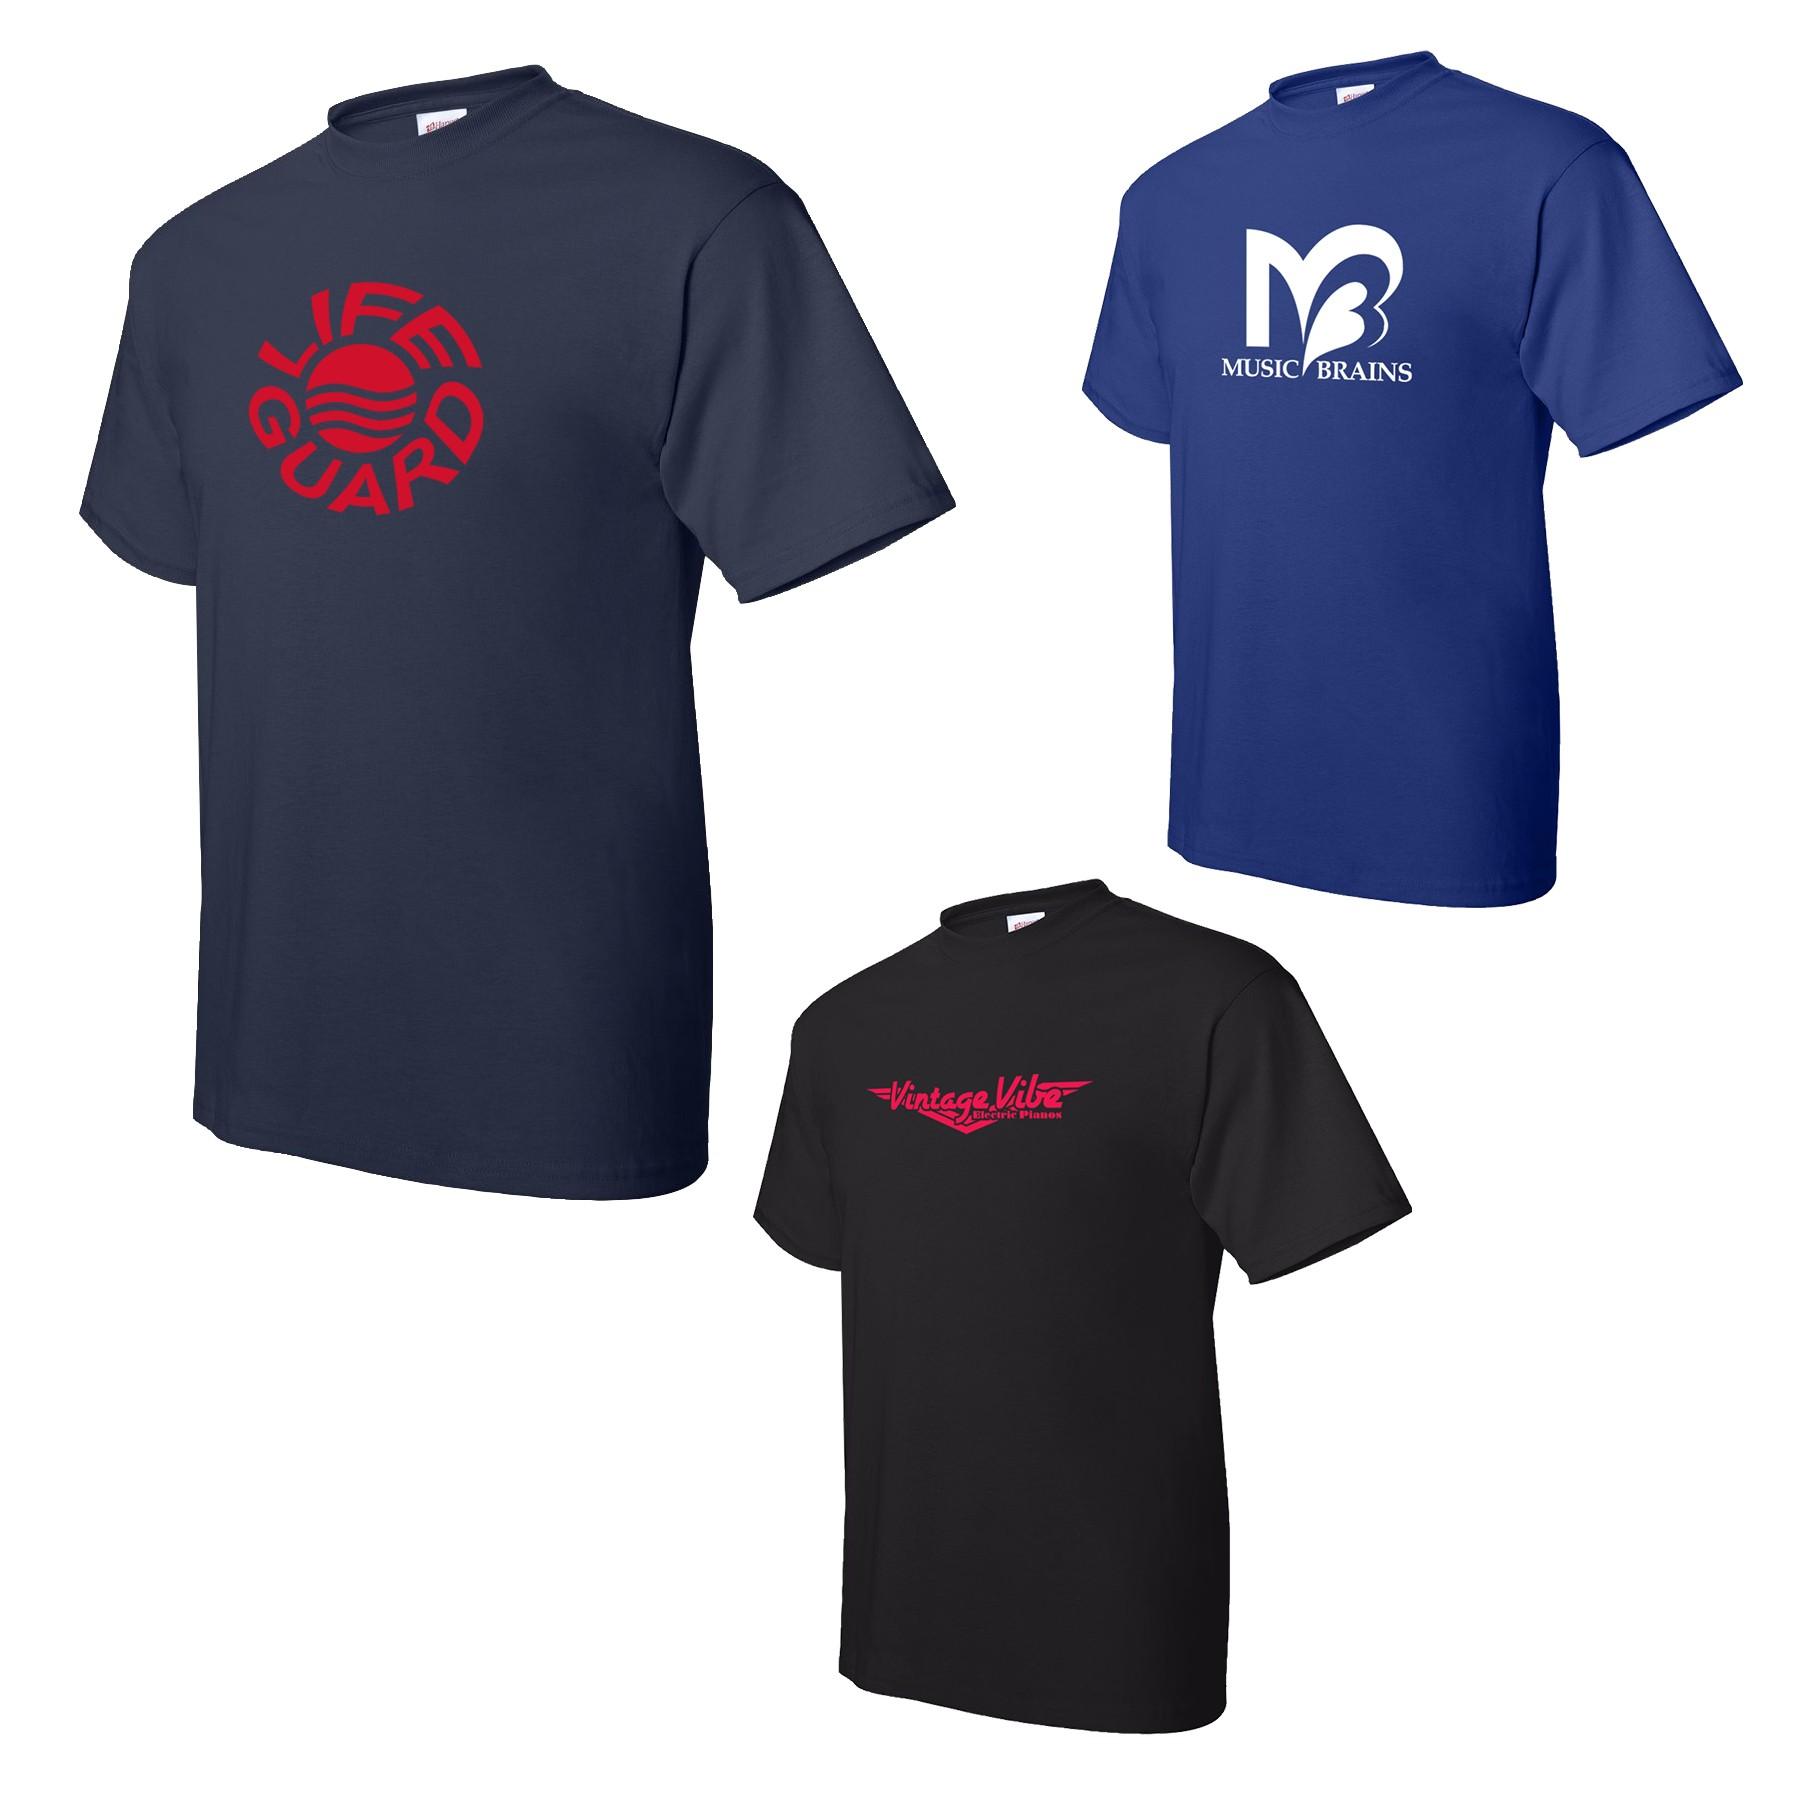 hanes-comfort-printed-tshirt